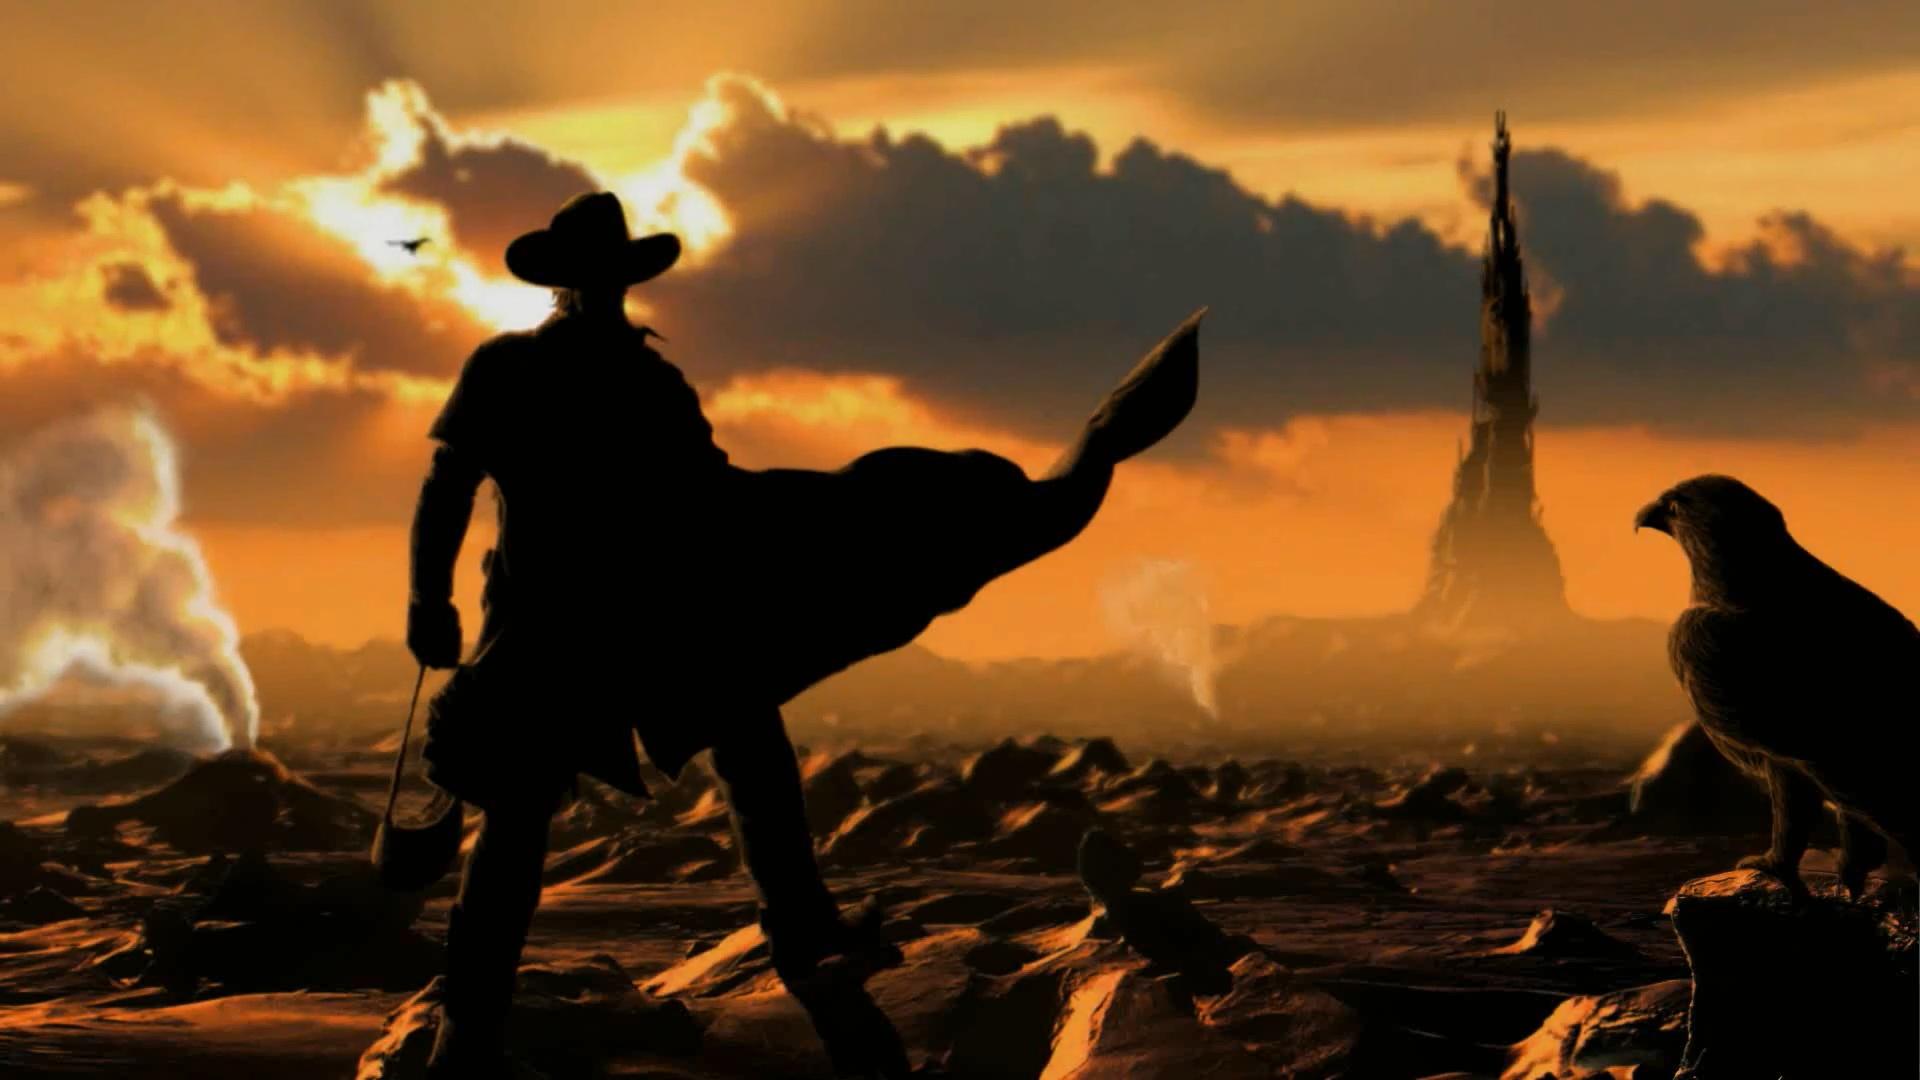 western et cowboys   Page 3 1920x1080